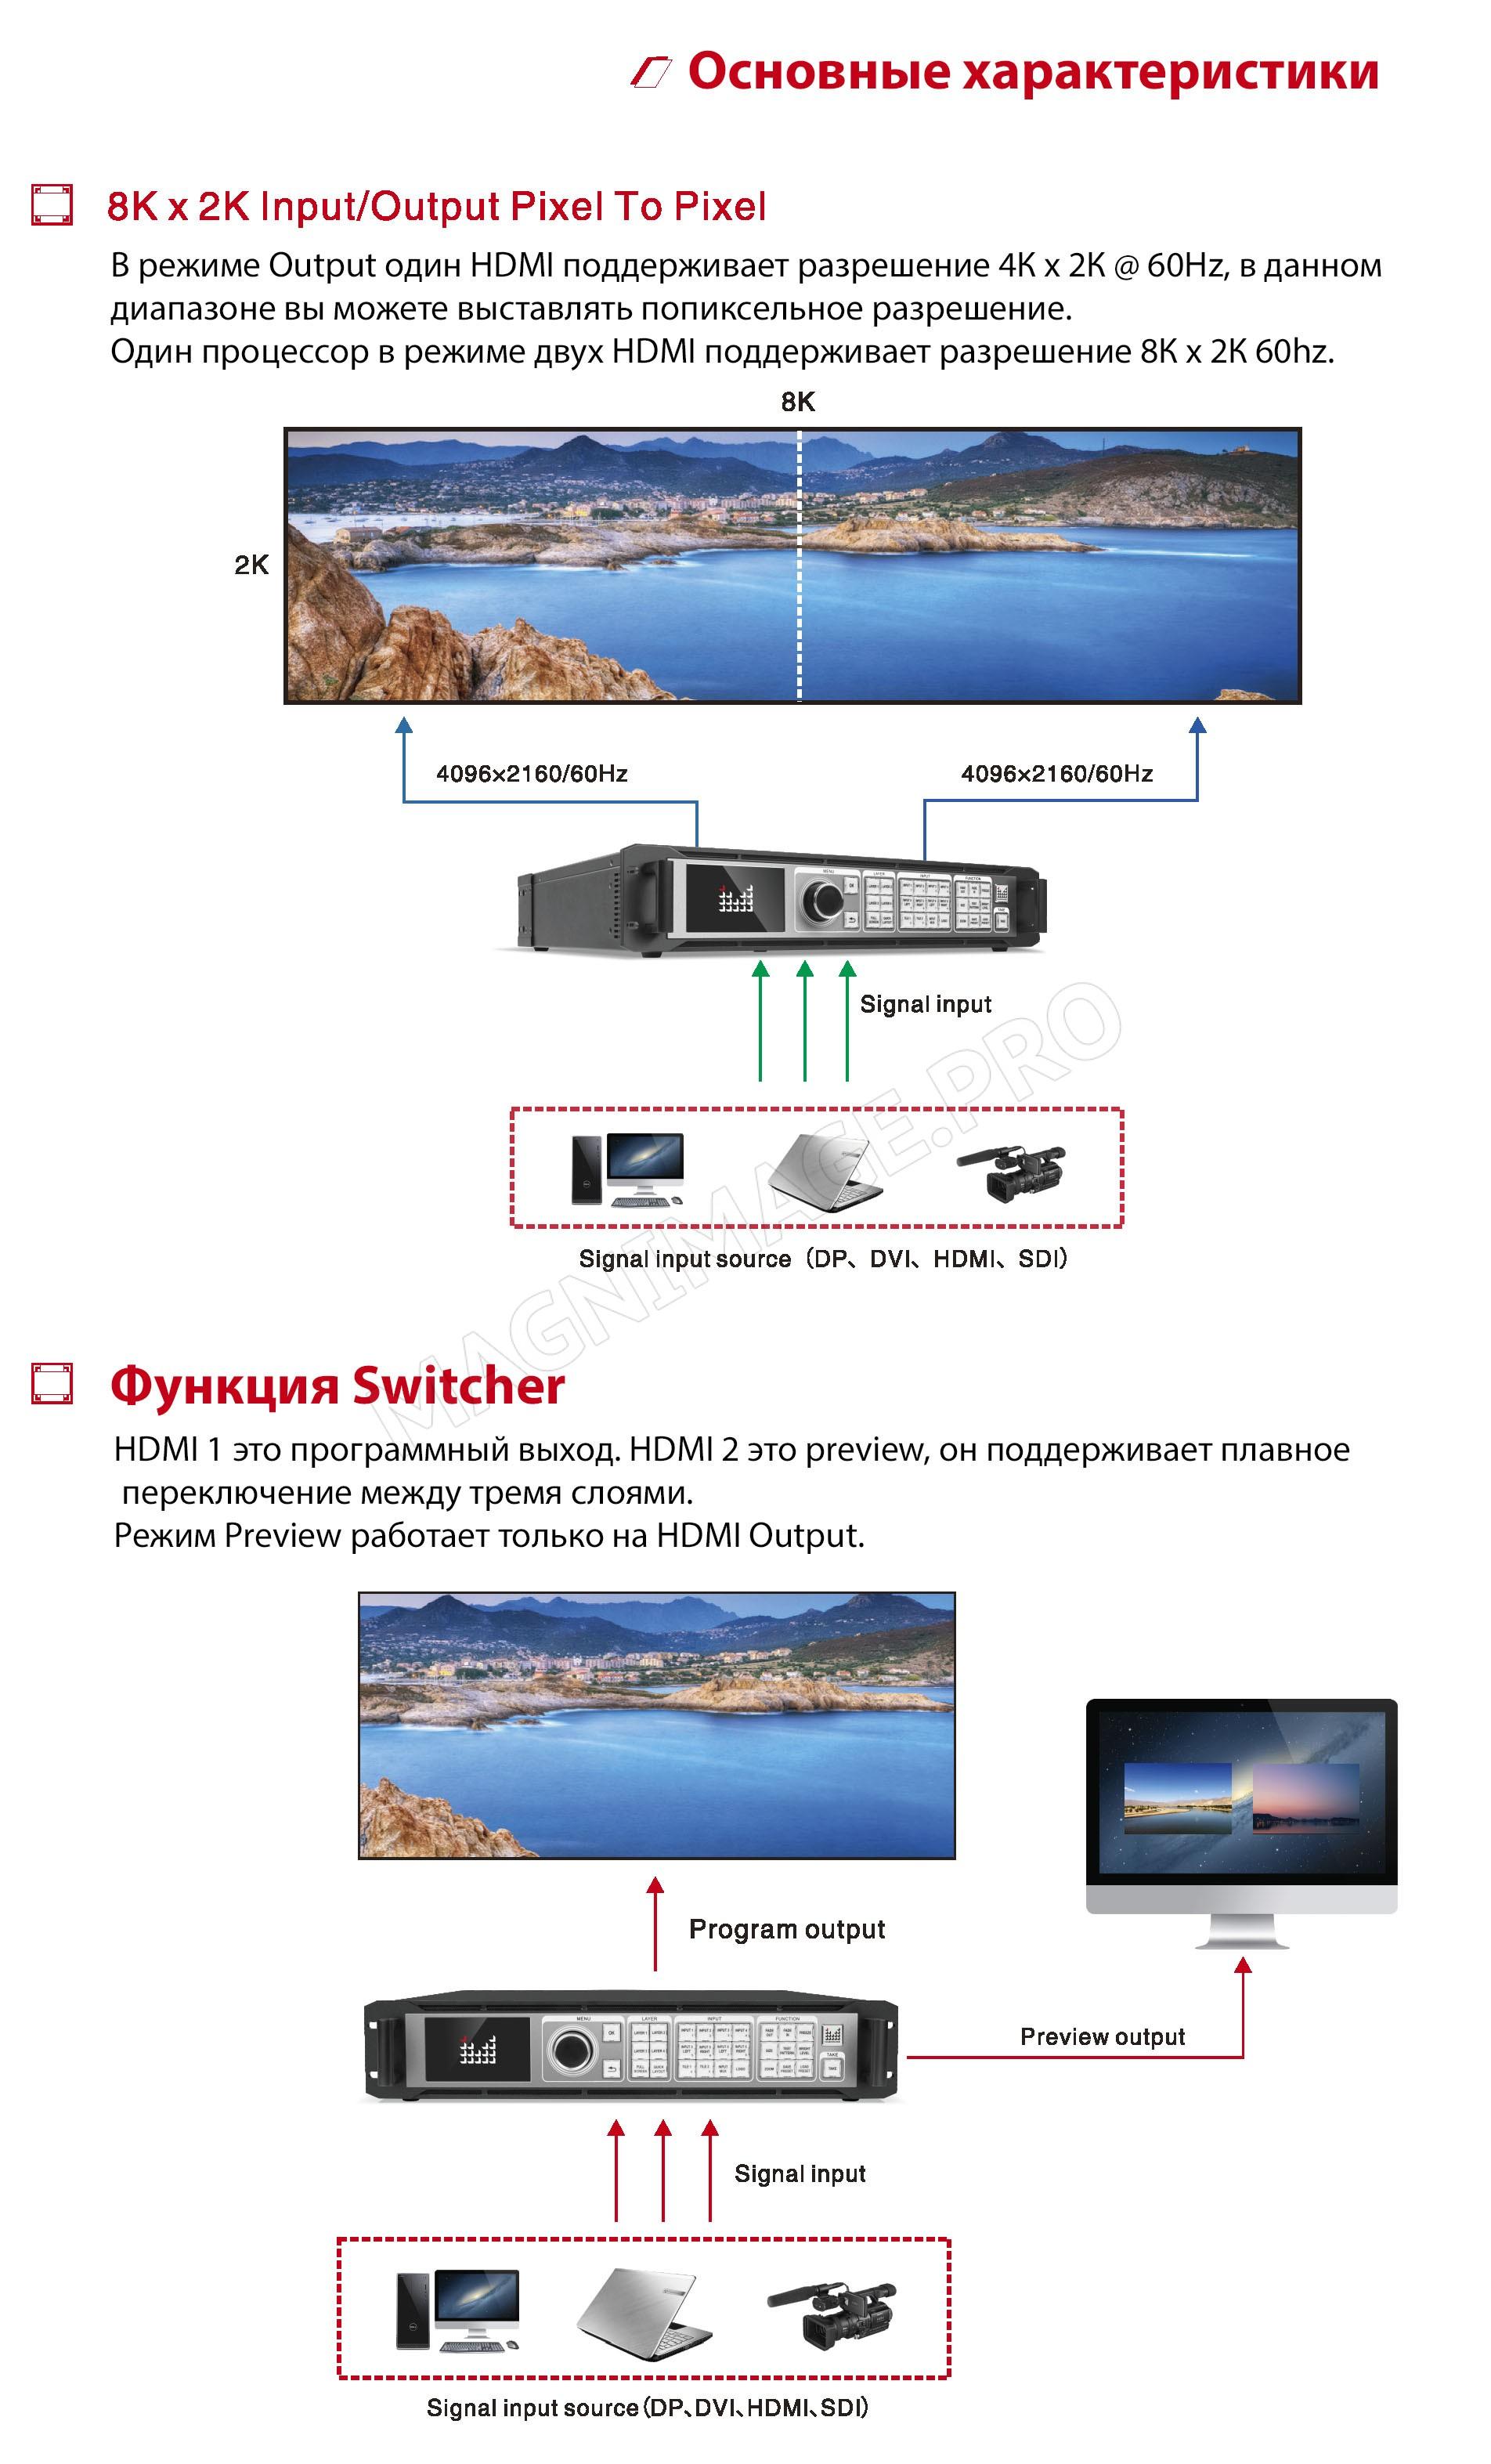 Видеопроцессор для LED светодиодного экрана Magnimage LED-W4000 Основные характеристики